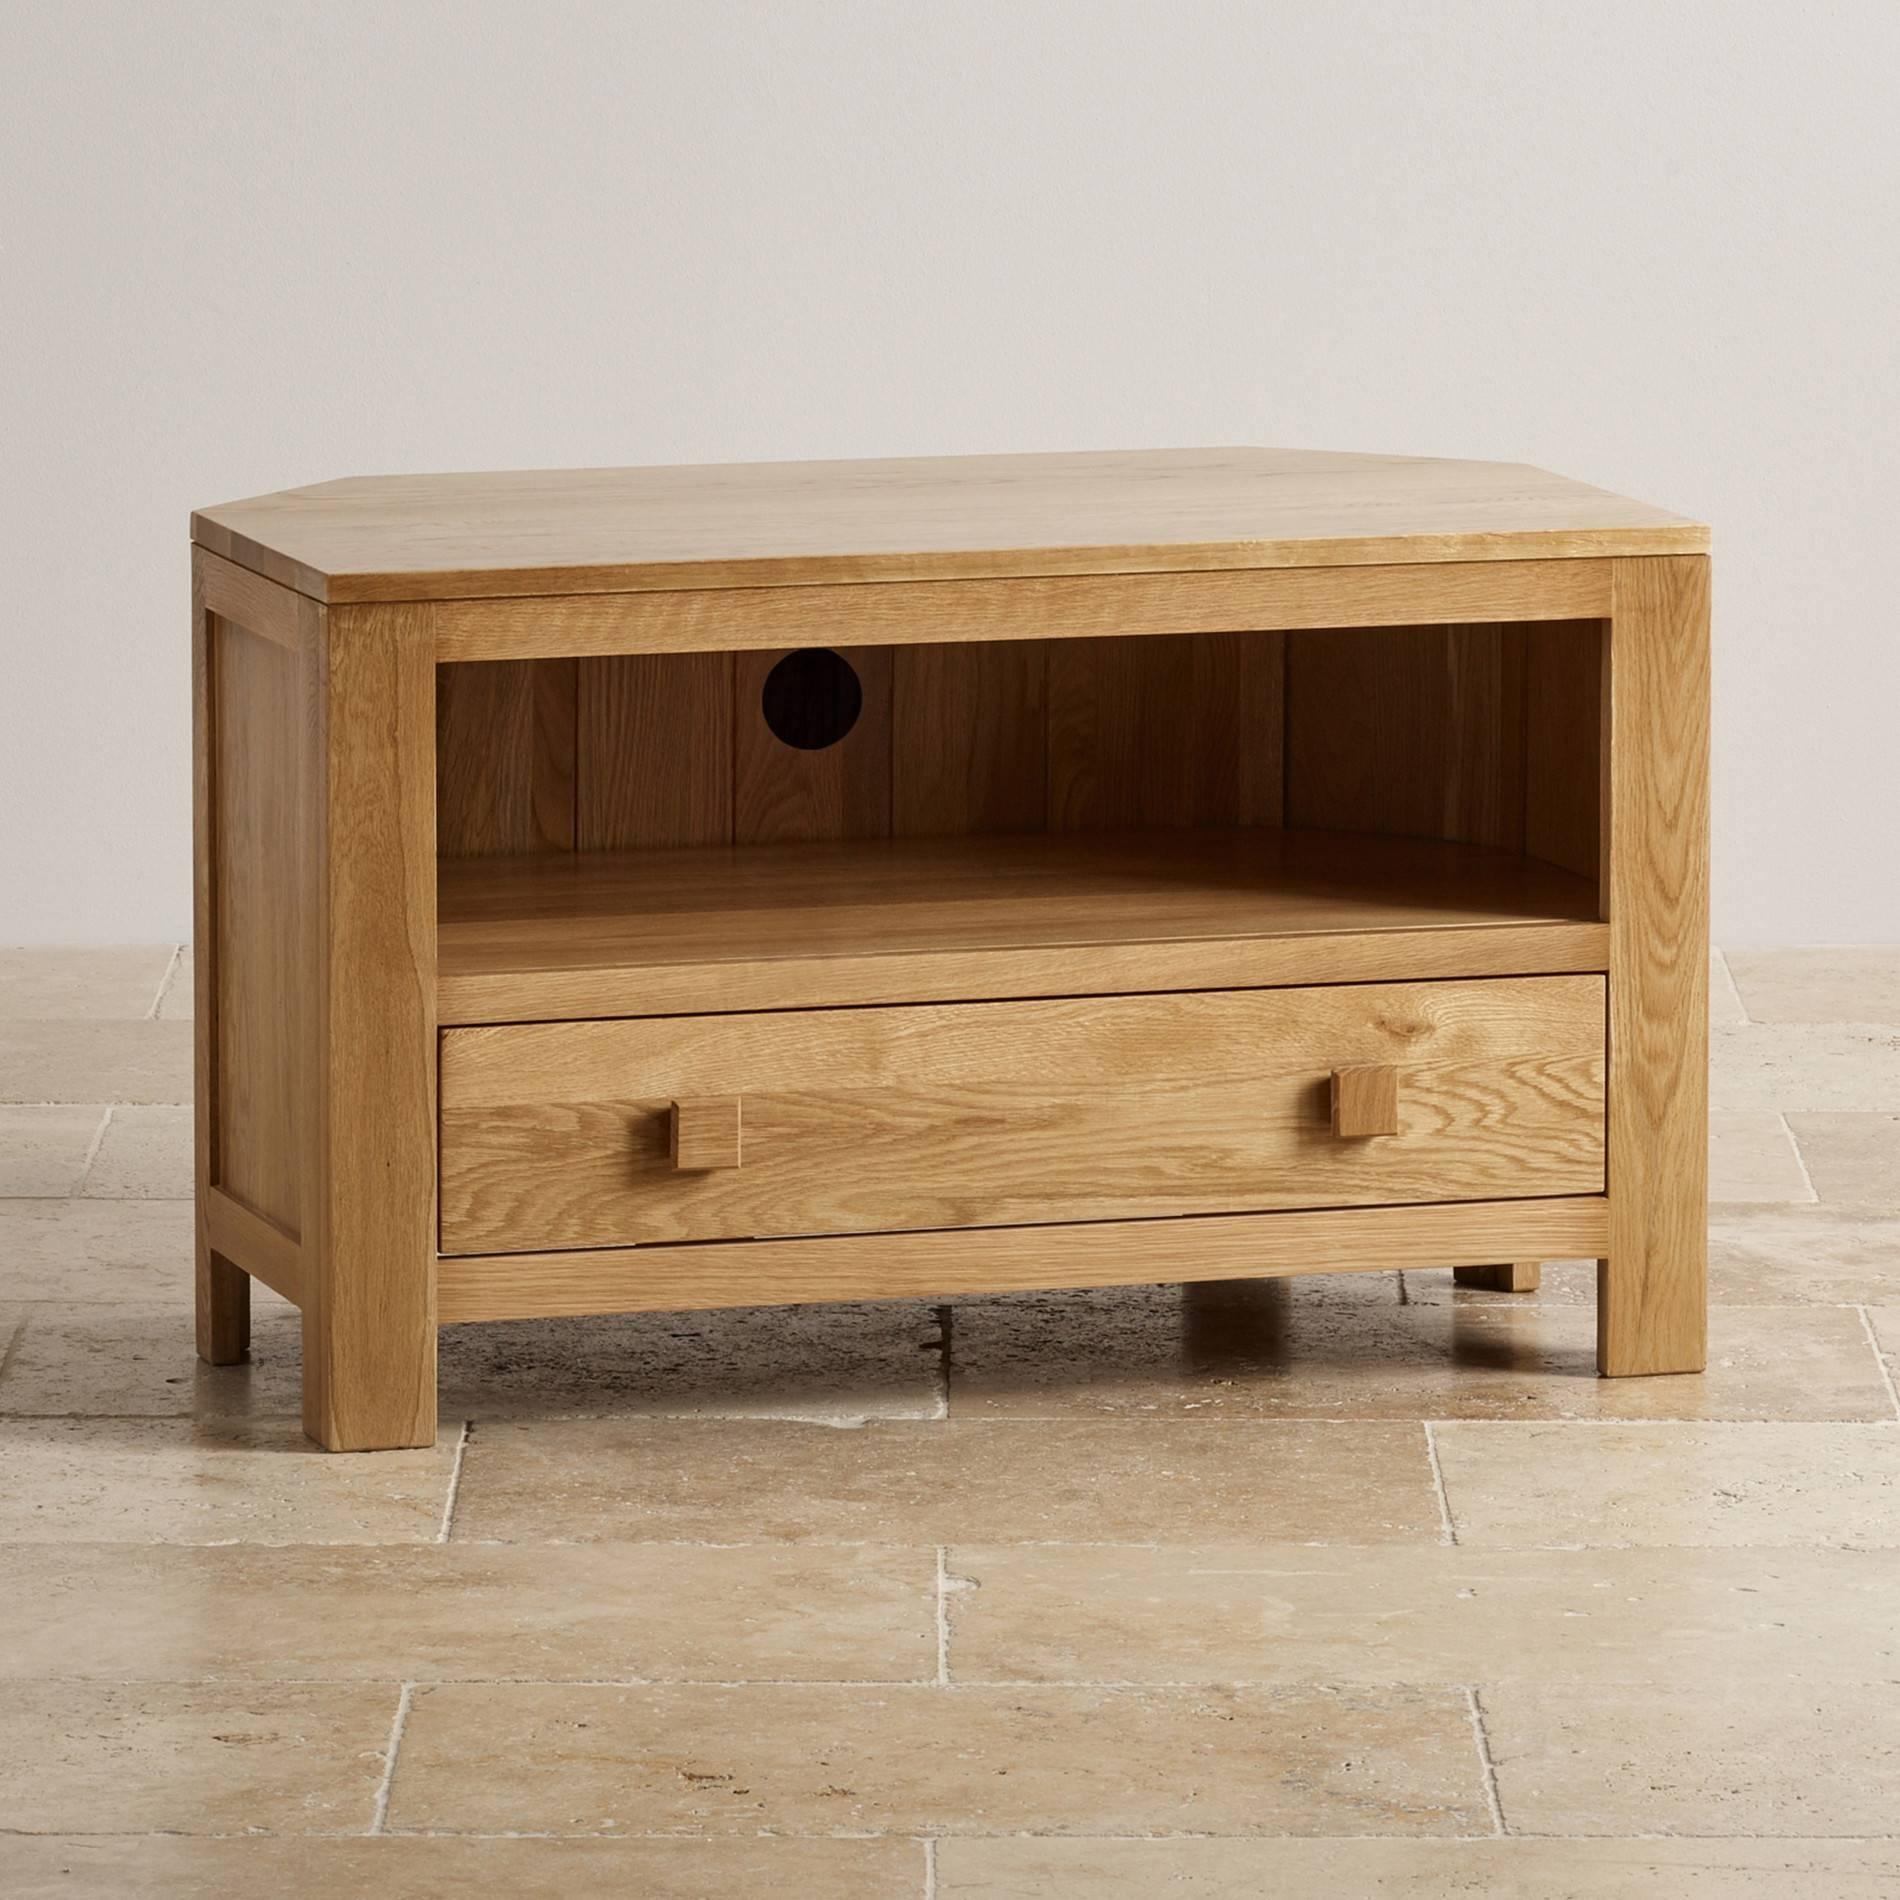 Tv Cabinets & Units | 100% Solid Oak | Oak Furniture Land intended for Large Corner Tv Stands (Image 9 of 15)